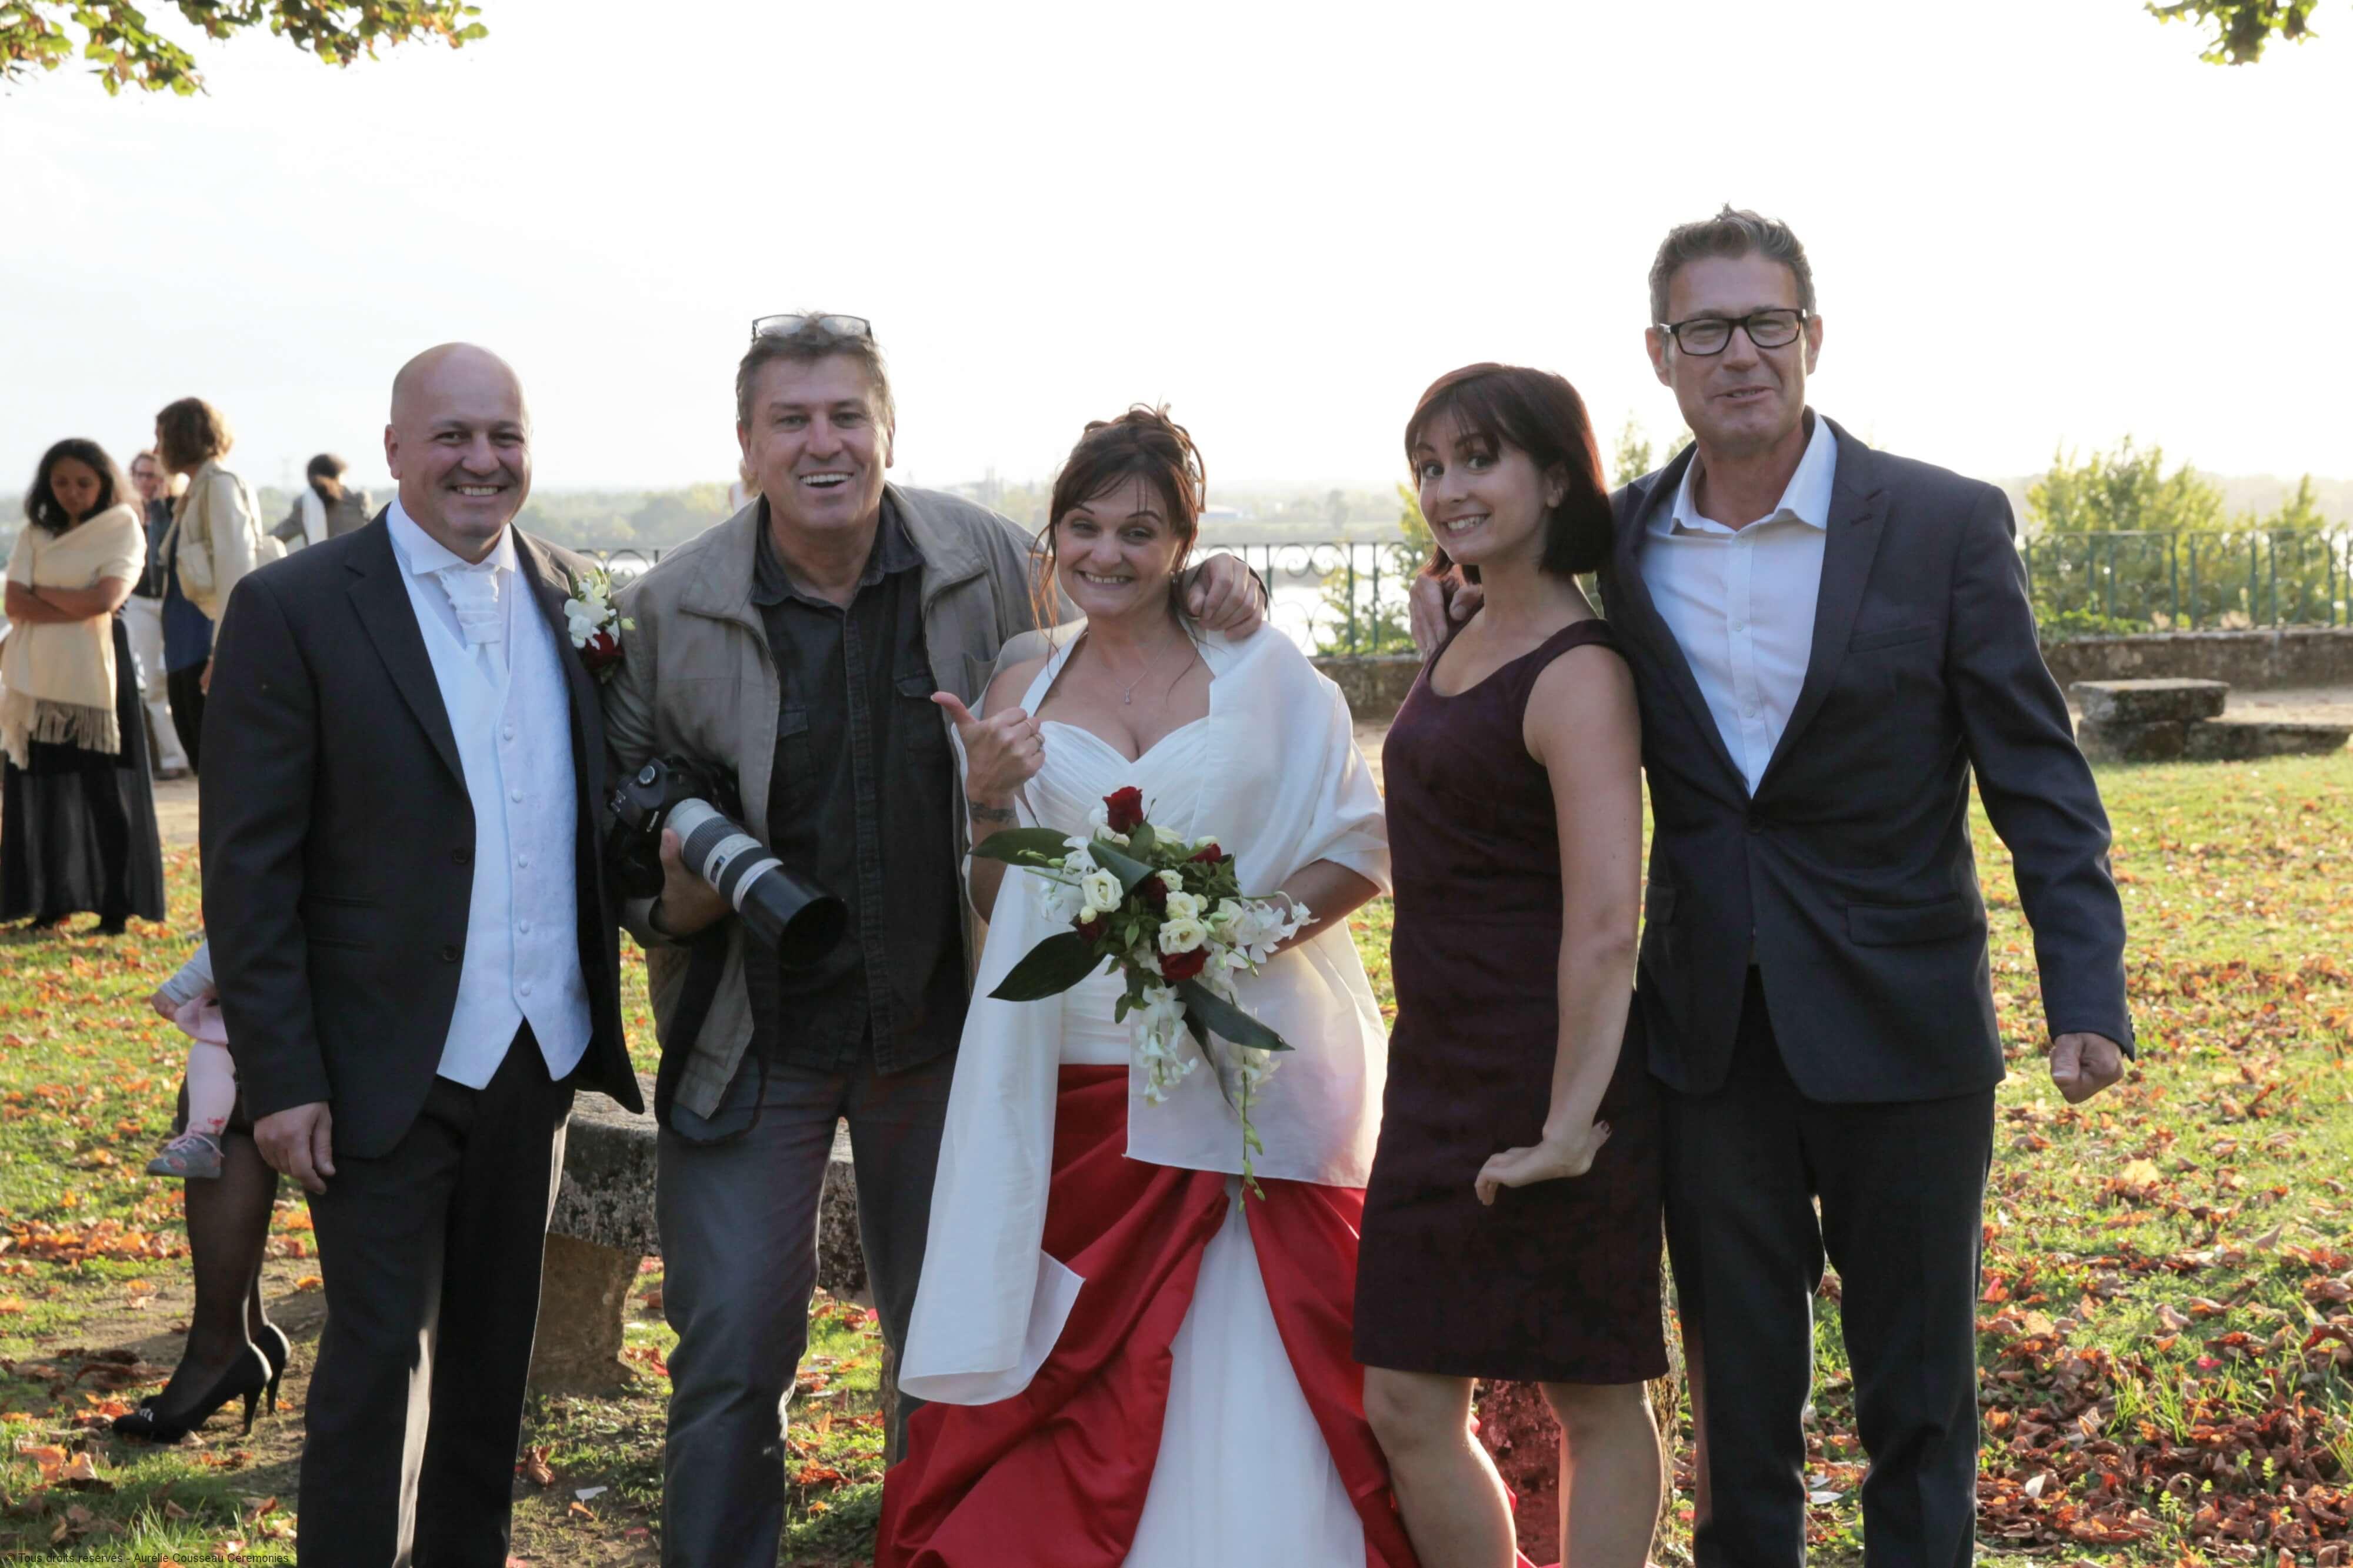 équipe_mariage-cérémonie de V&D-Photo Philippe Castex-aurelie cousseau cérémonies